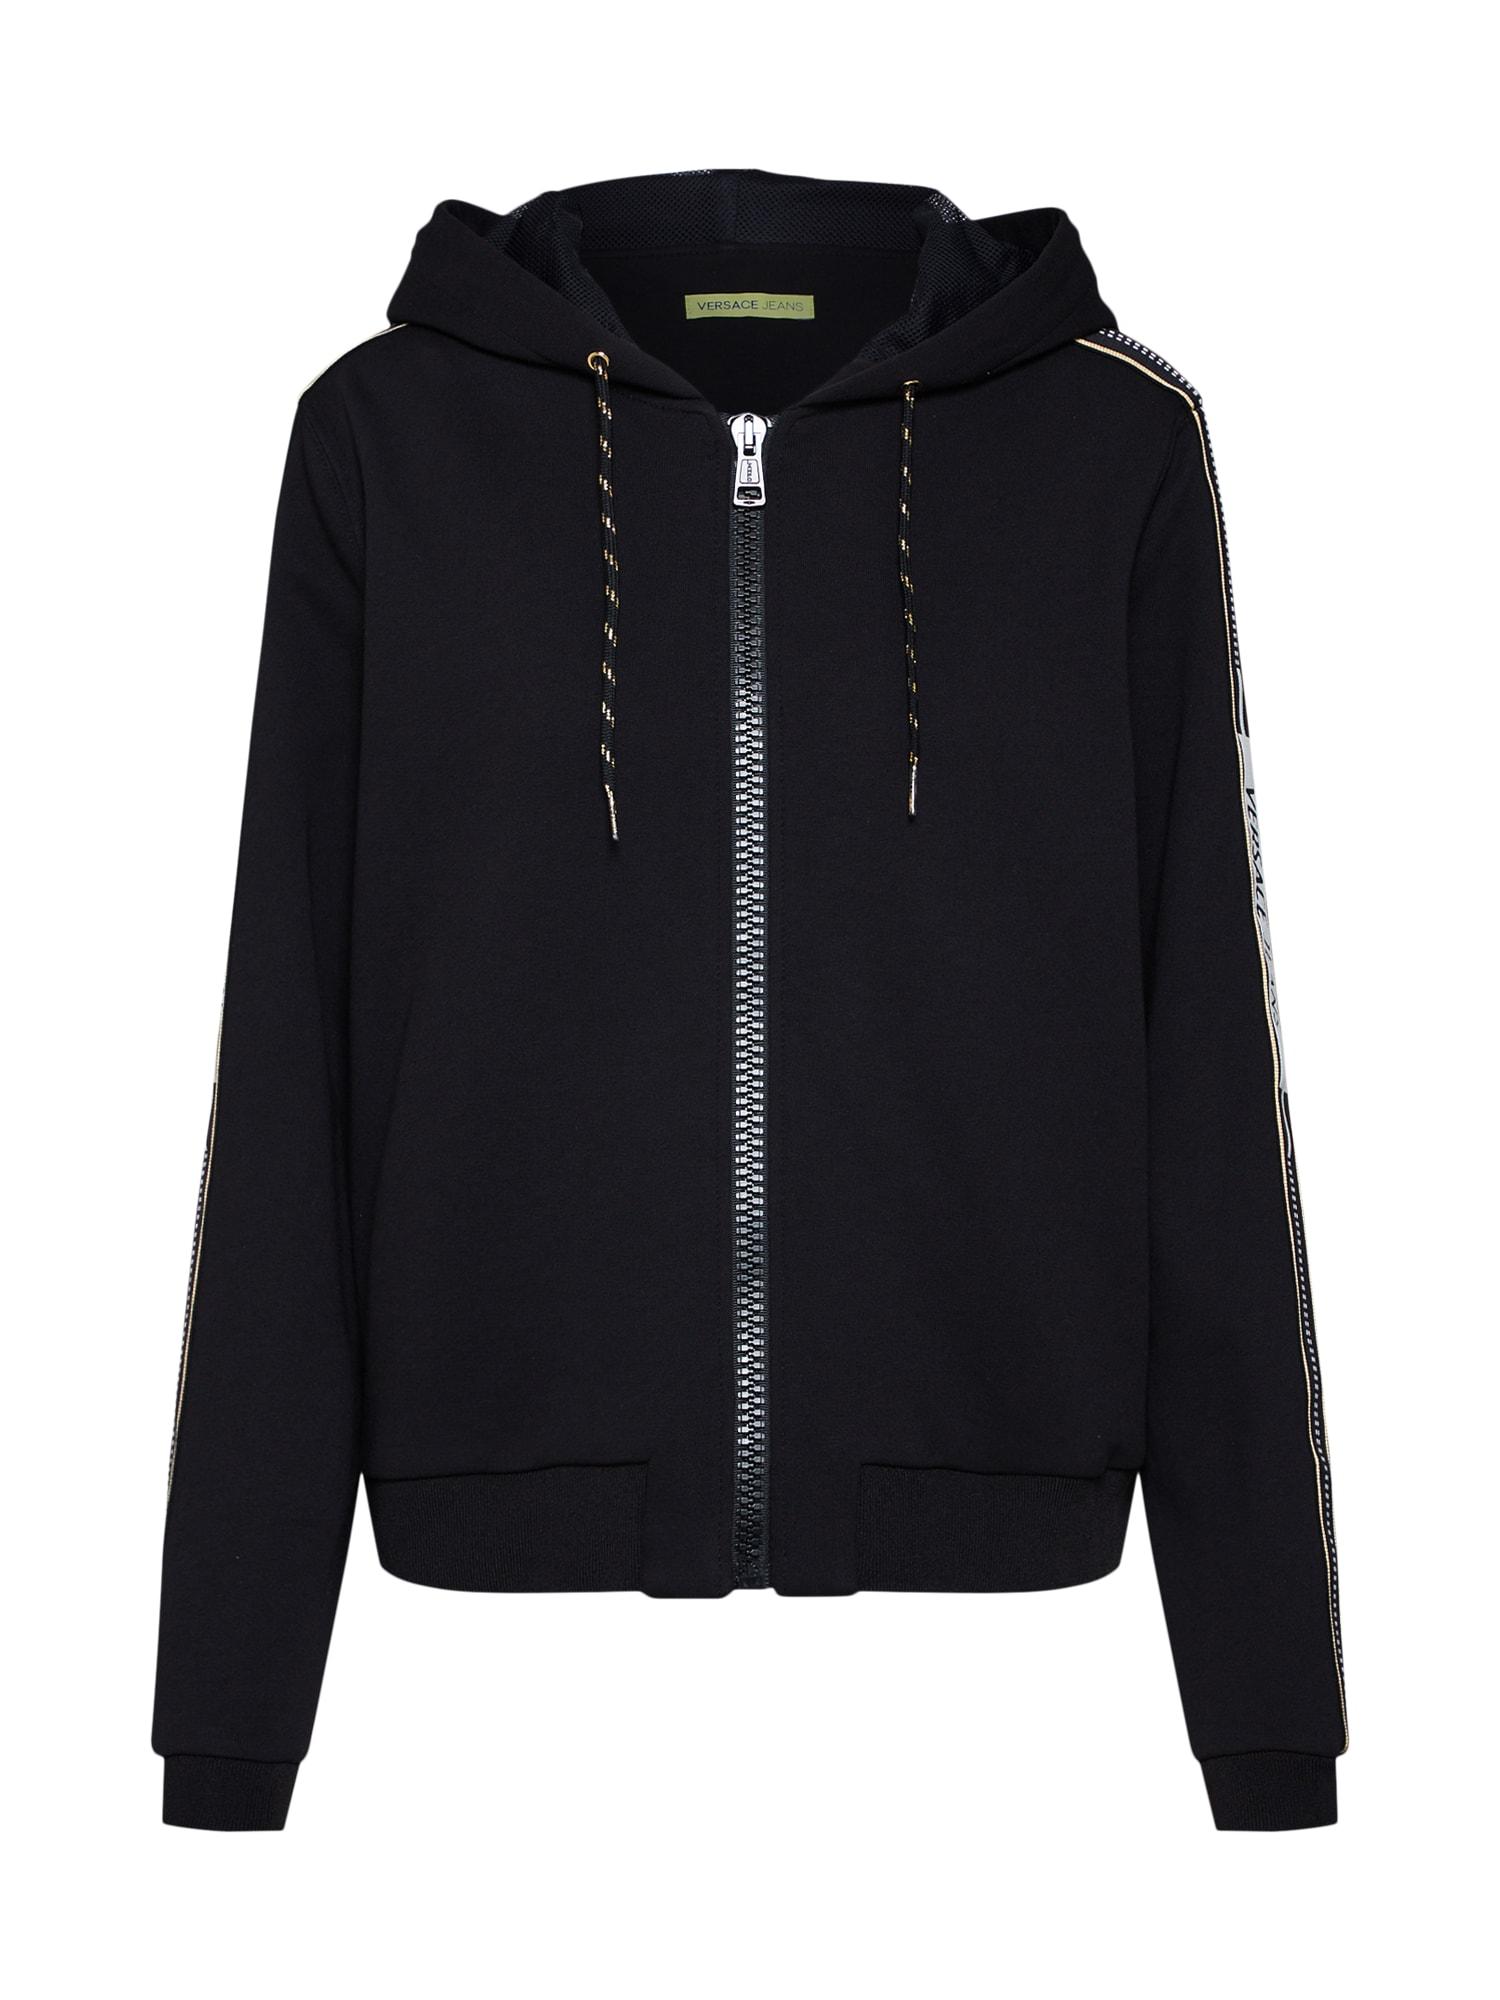 Mikina s kapucí TDP306 since černá Versace Jeans